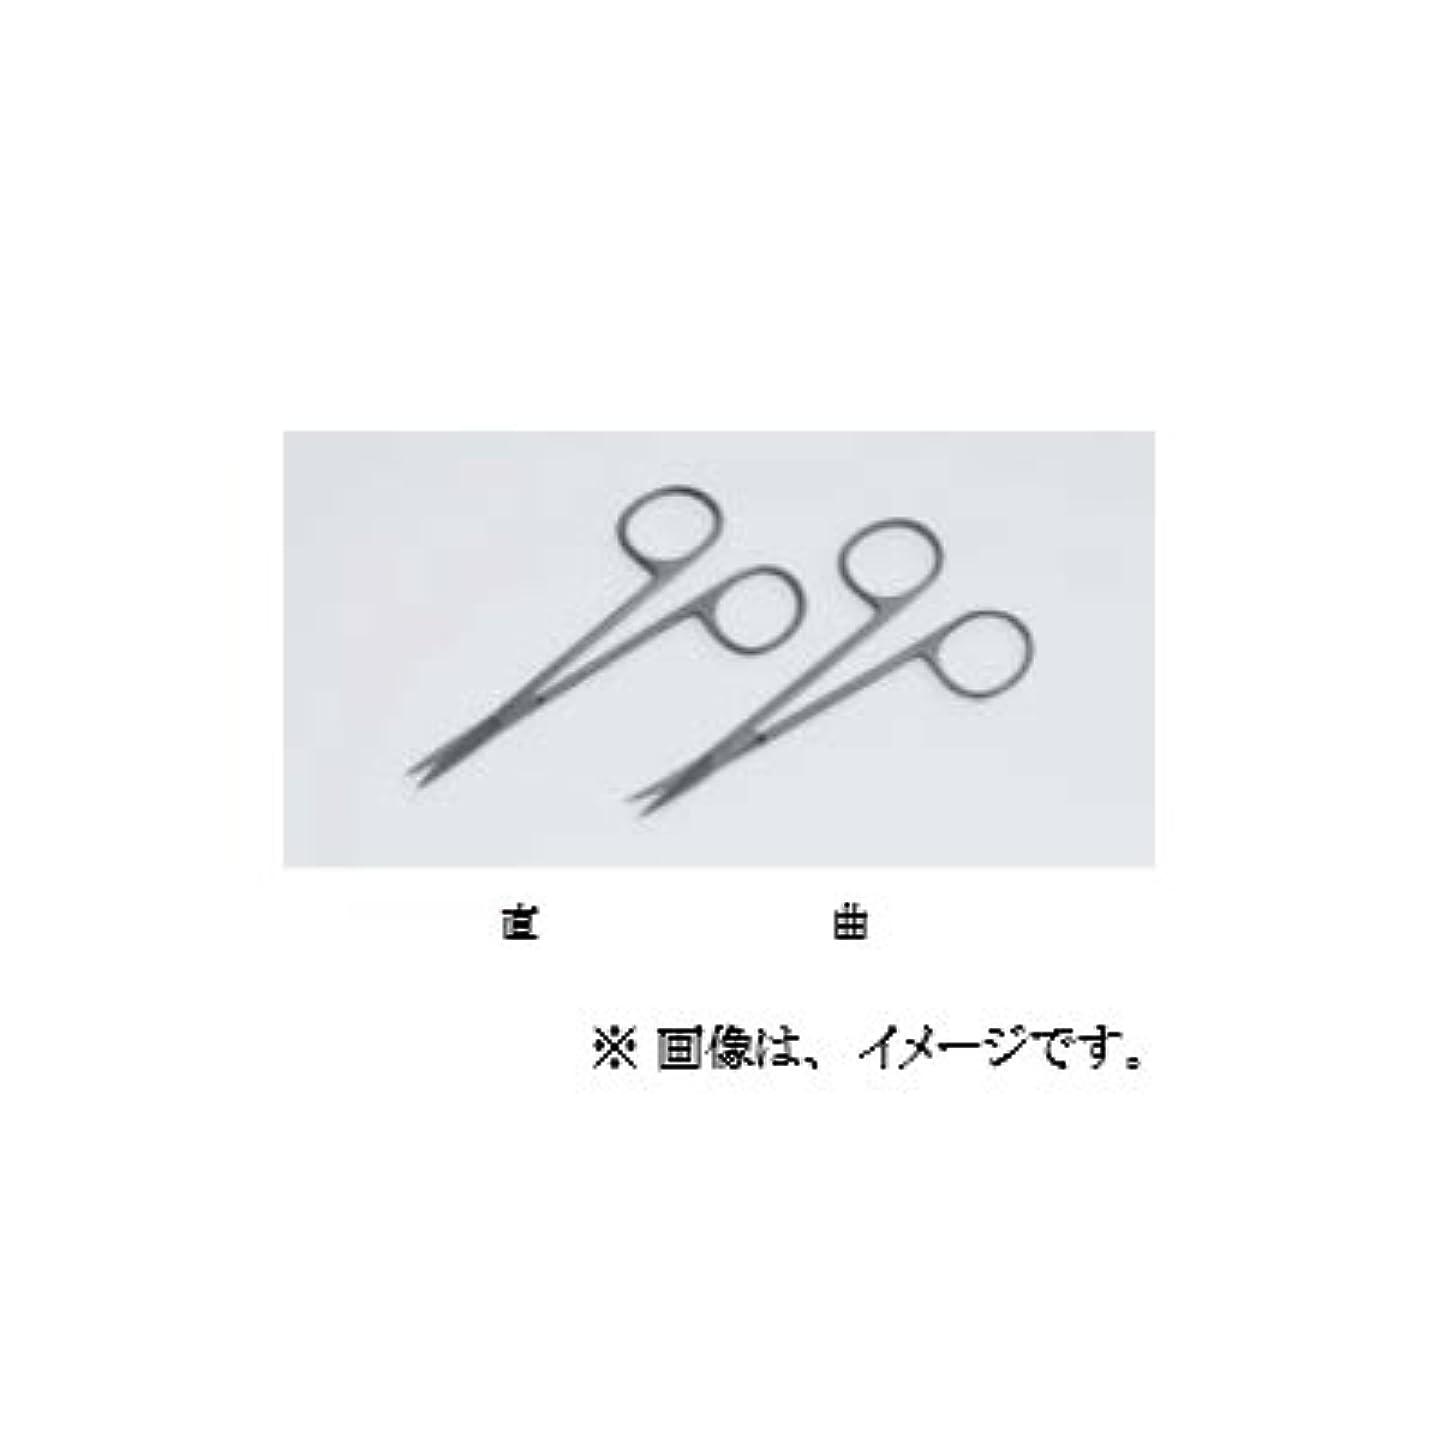 成果接地ノート眼科剪刀 11cm 曲 医療用ステンレス器具